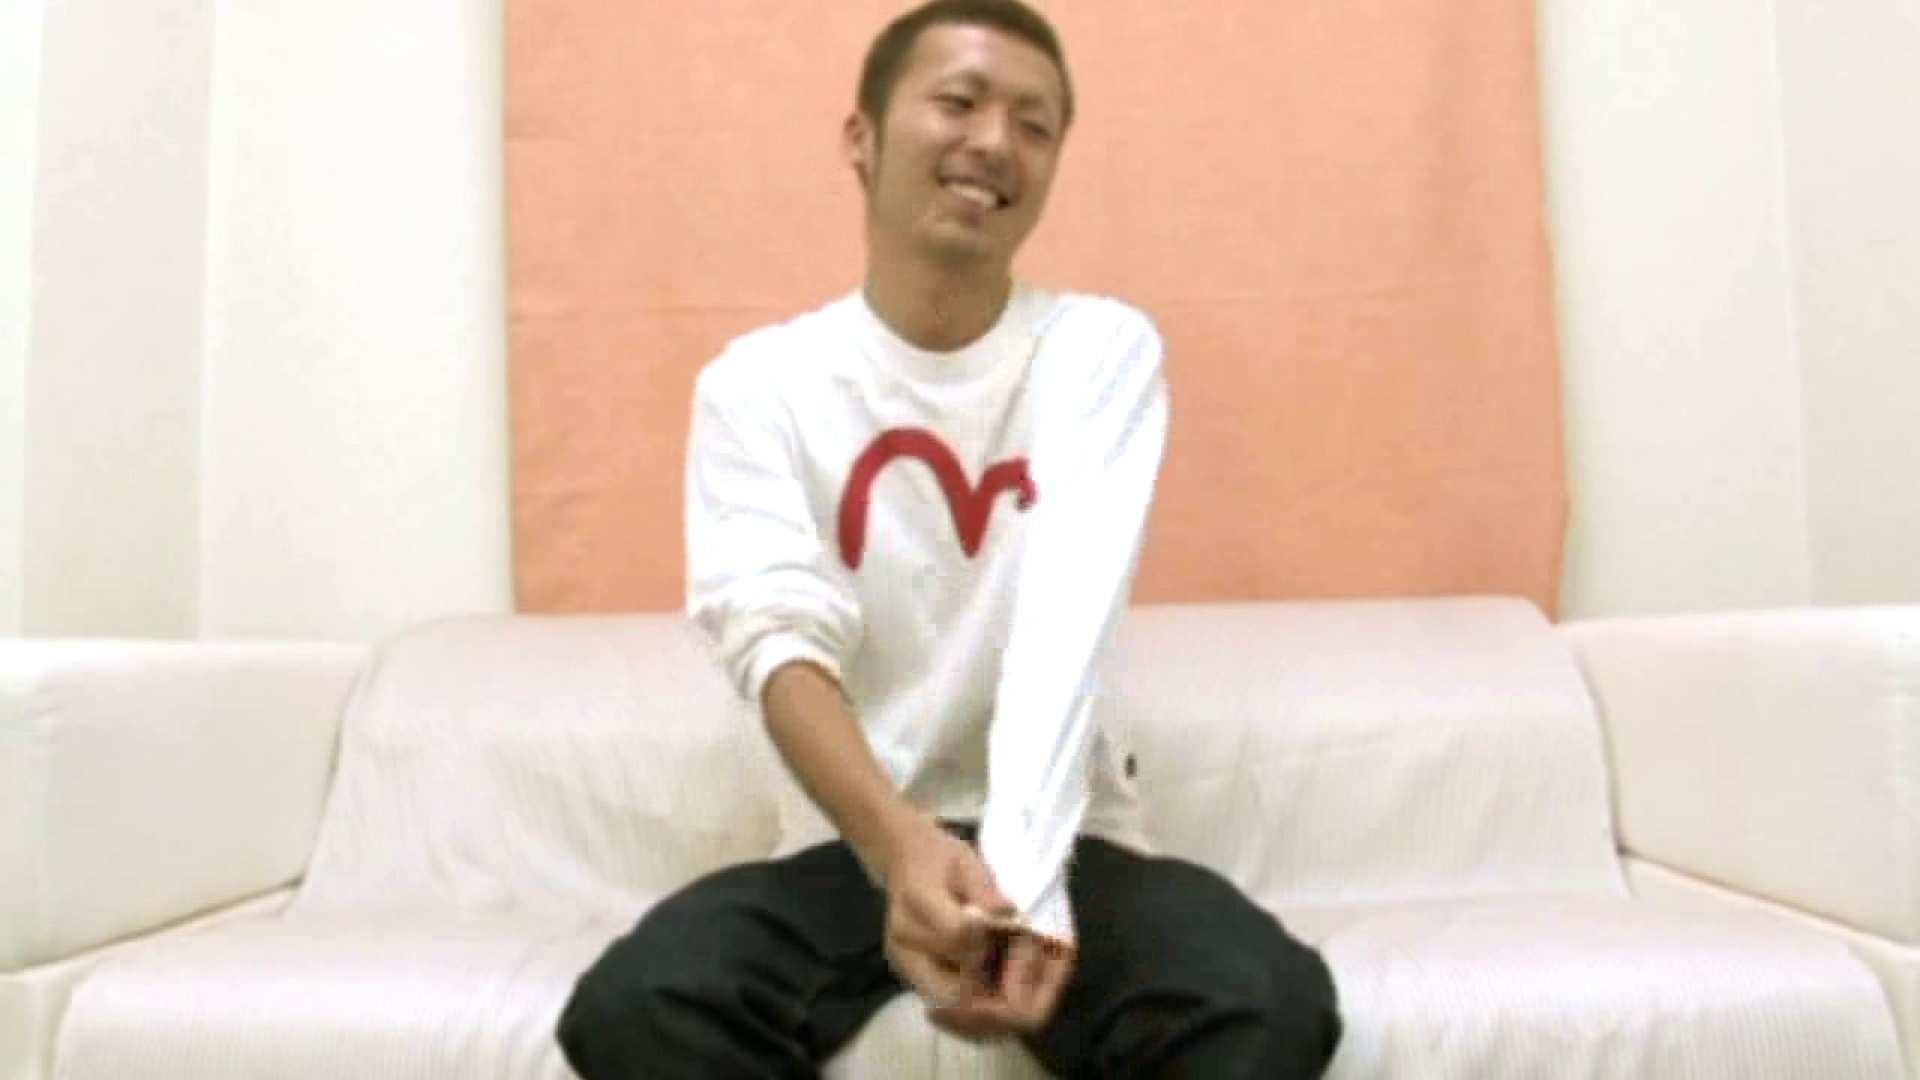 ノンケ!自慰スタジオ No.11 男の裸 | 茶髪 ゲイザーメン画像 78pic 37